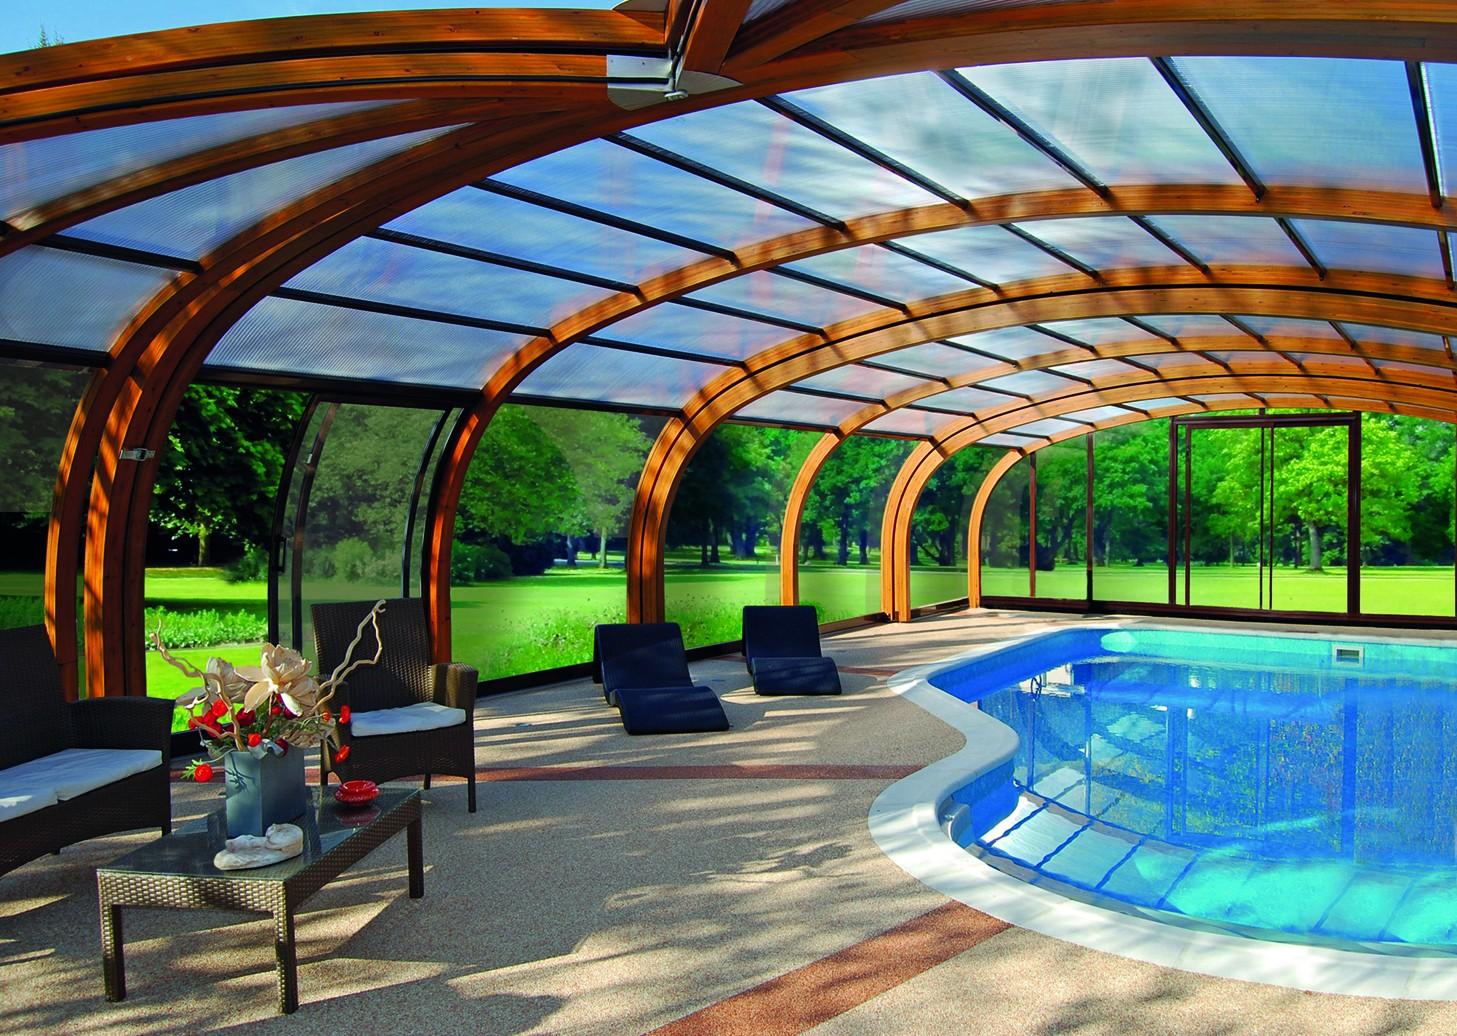 Cubierta de piscina en madera abrisud piscinas ferromar for Piscinas ferromar